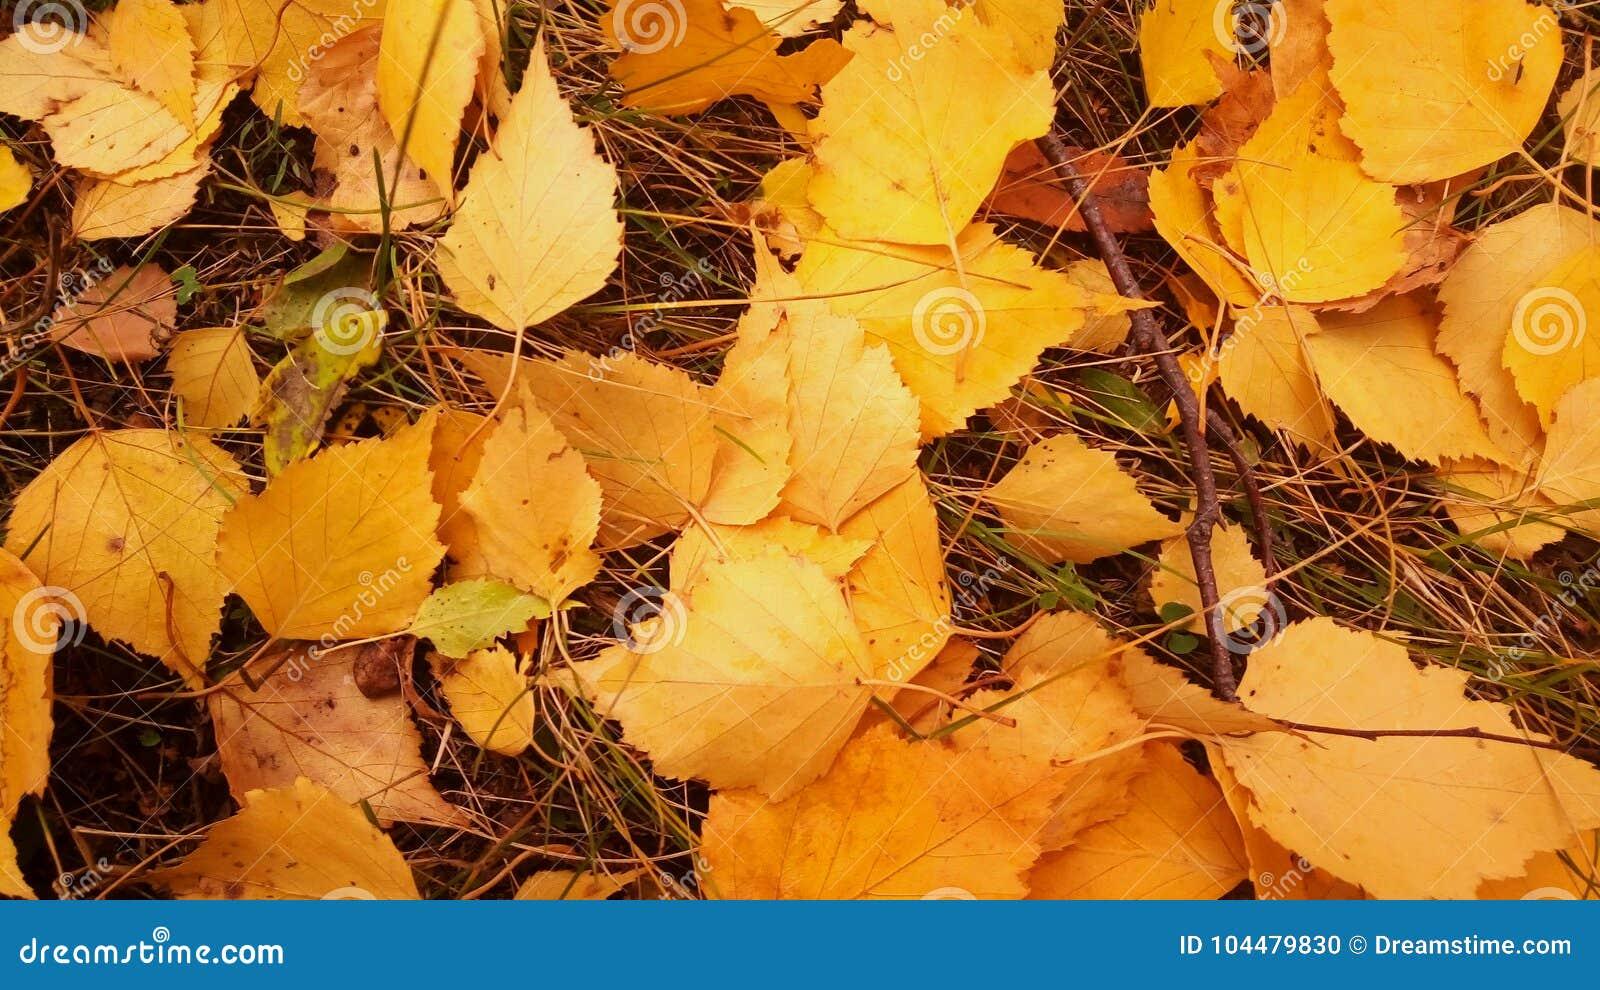 η κίτρινη πτώση φύλλων αφήνει τη δασική πεσμένη ομορφιά φύλλων του φθινοπώρου